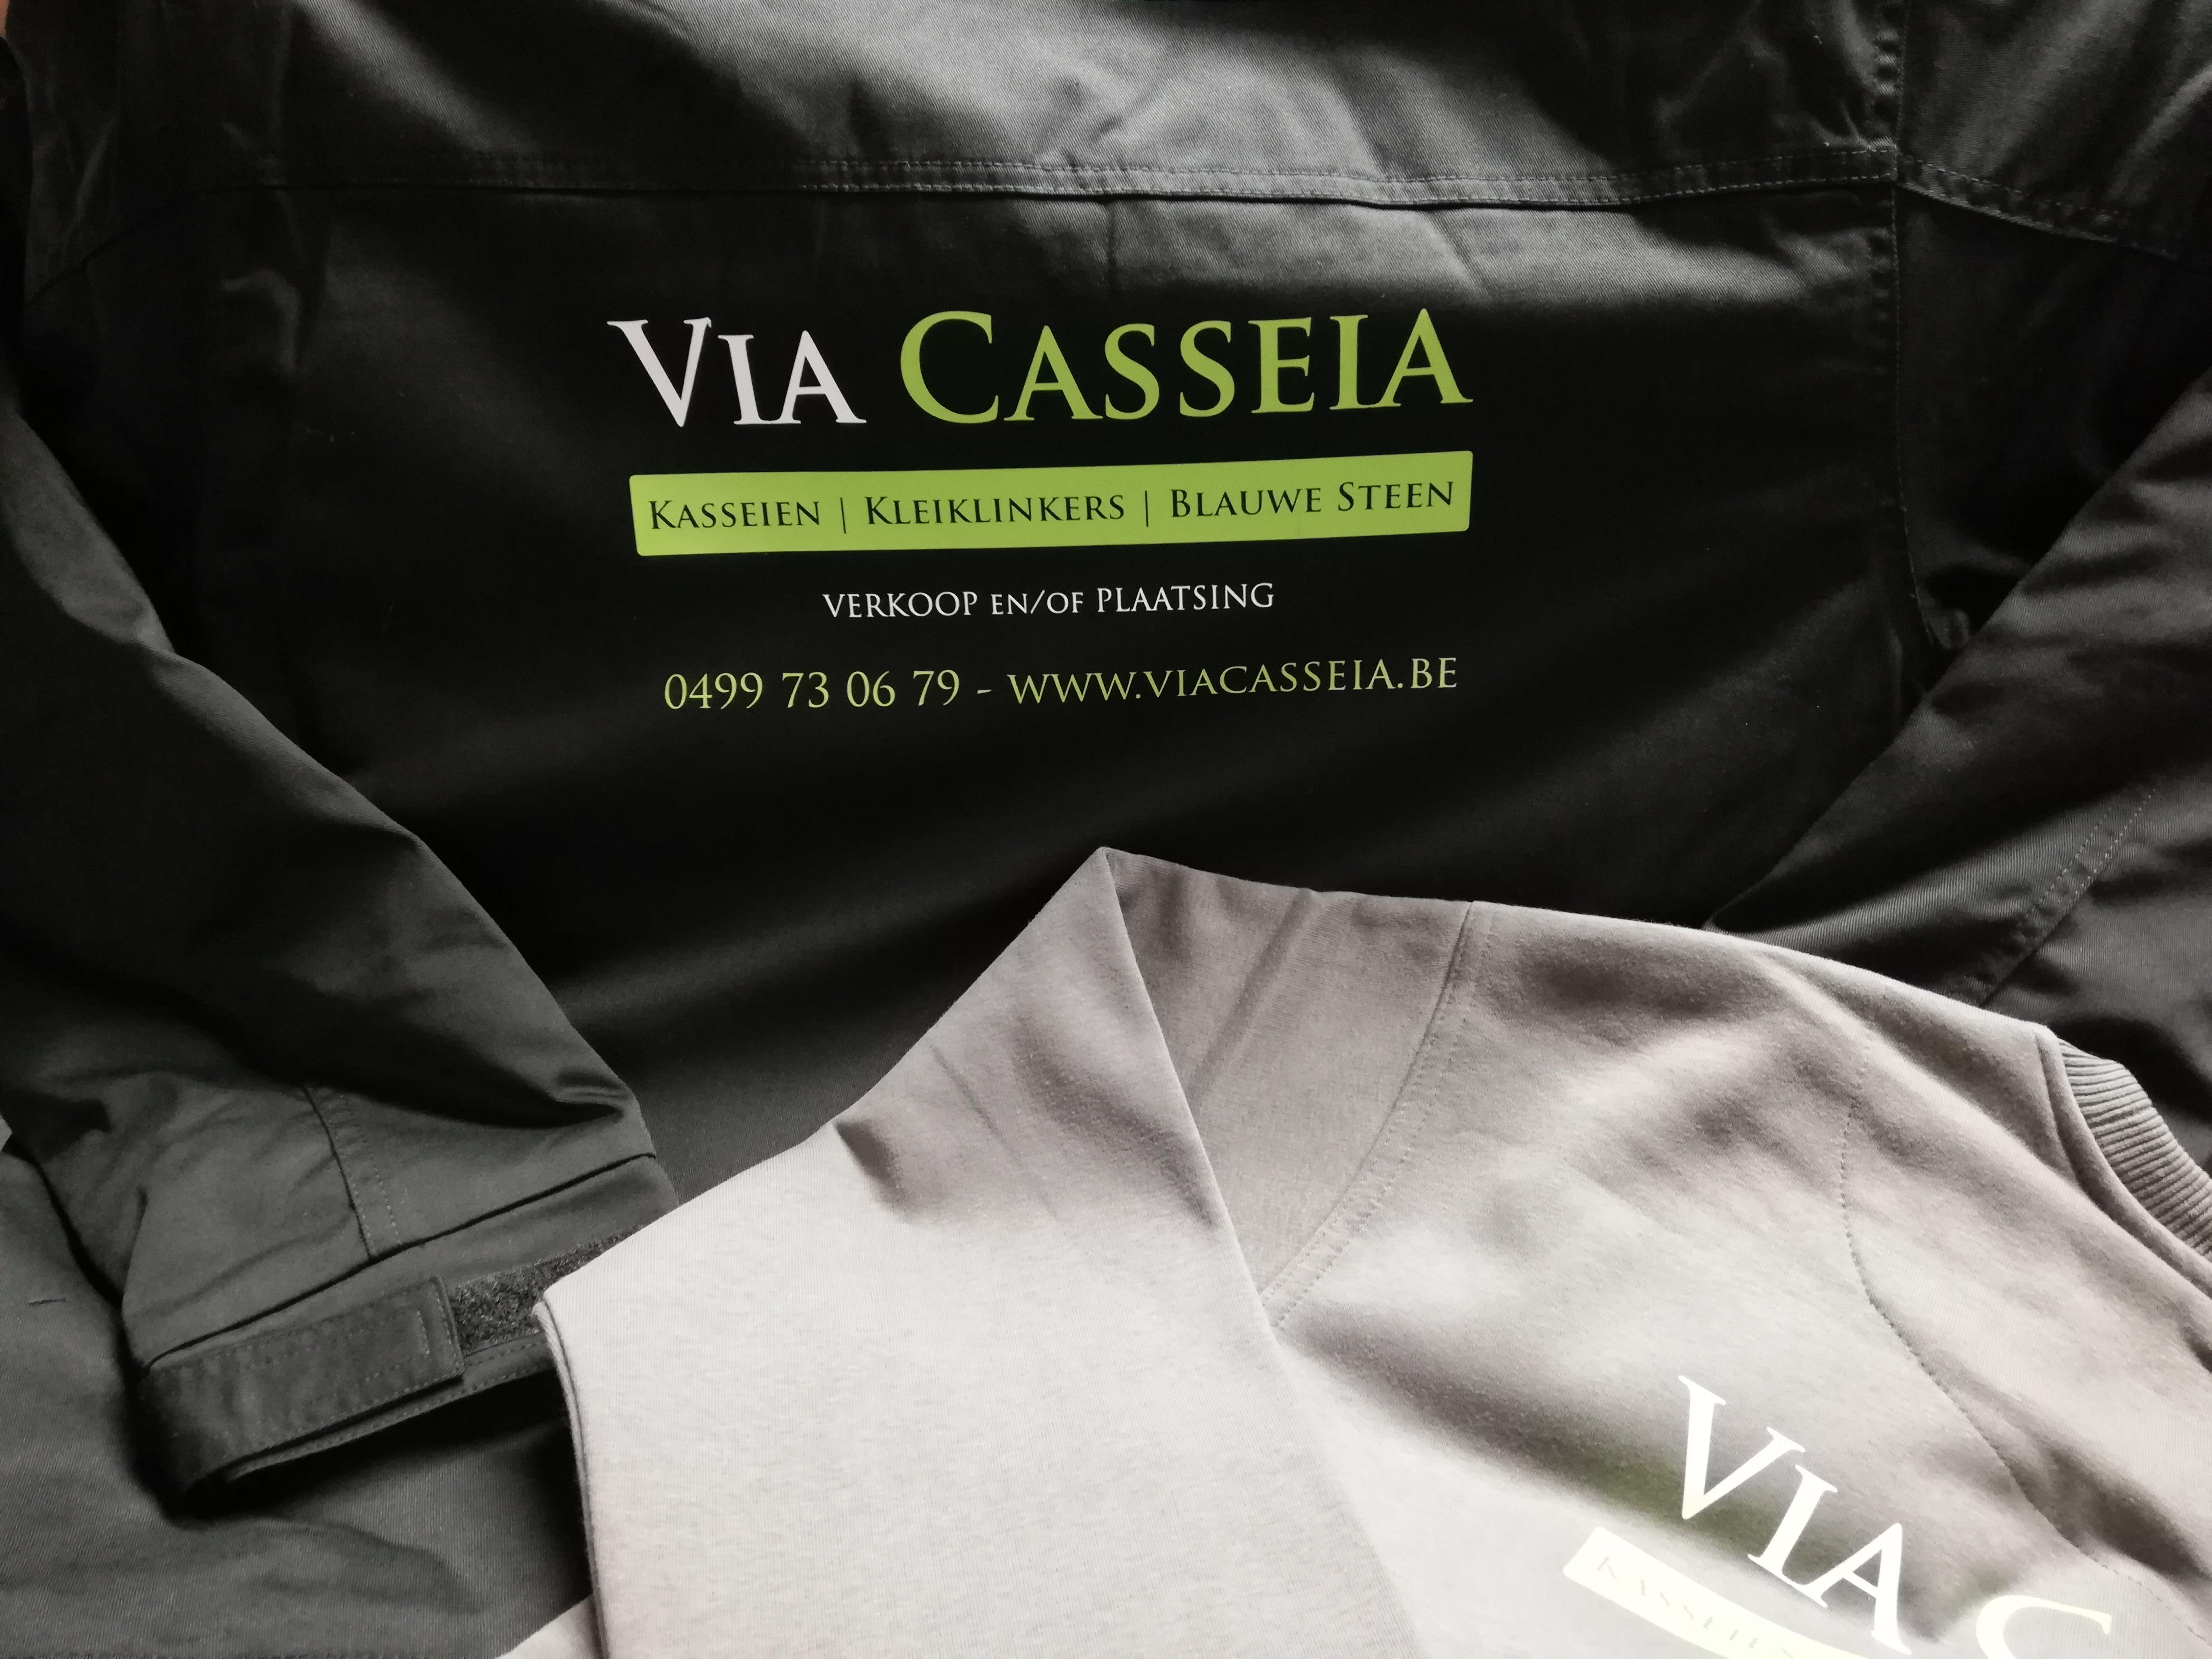 Via Casseia